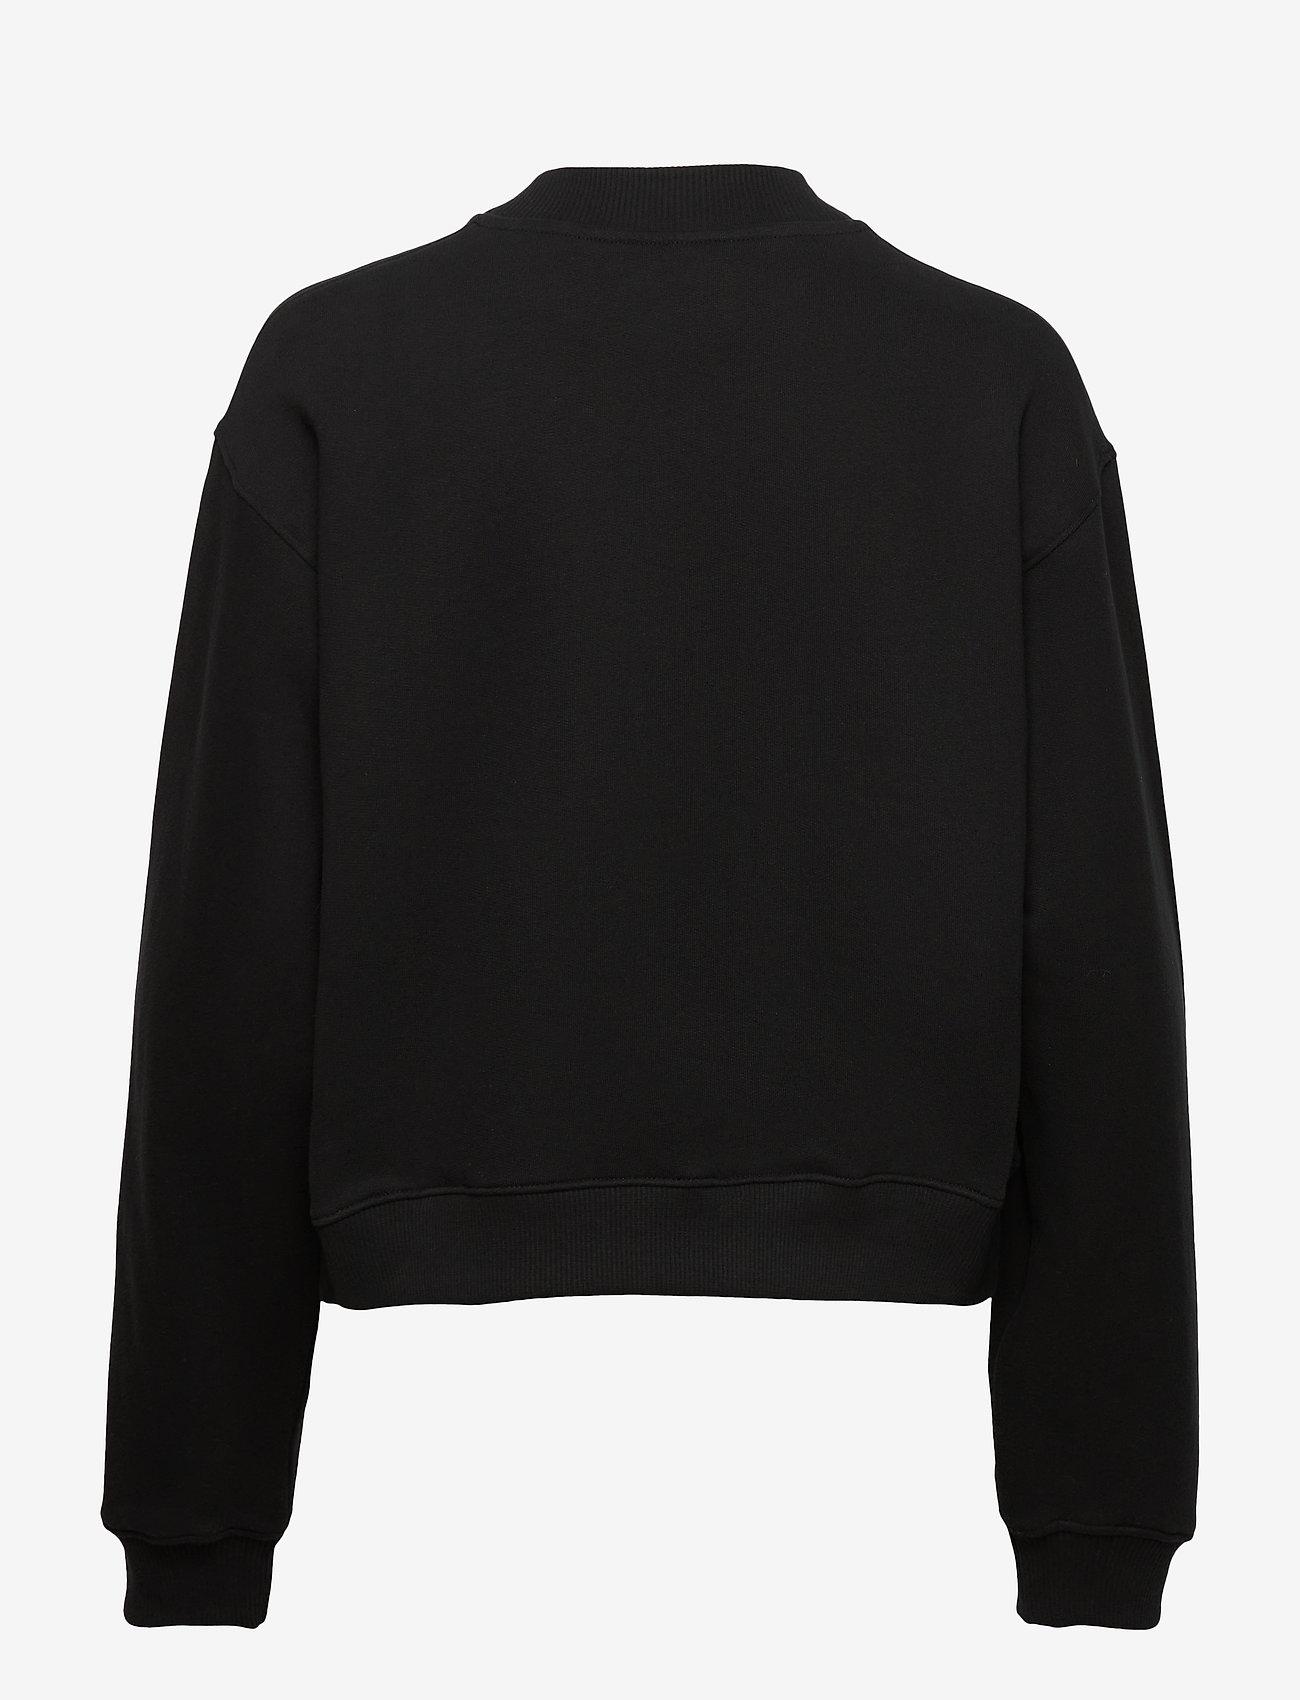 Calvin Klein Jeans - GOLD MONOGRAM SWEATSHIRT - sweatshirts - ck black - 1